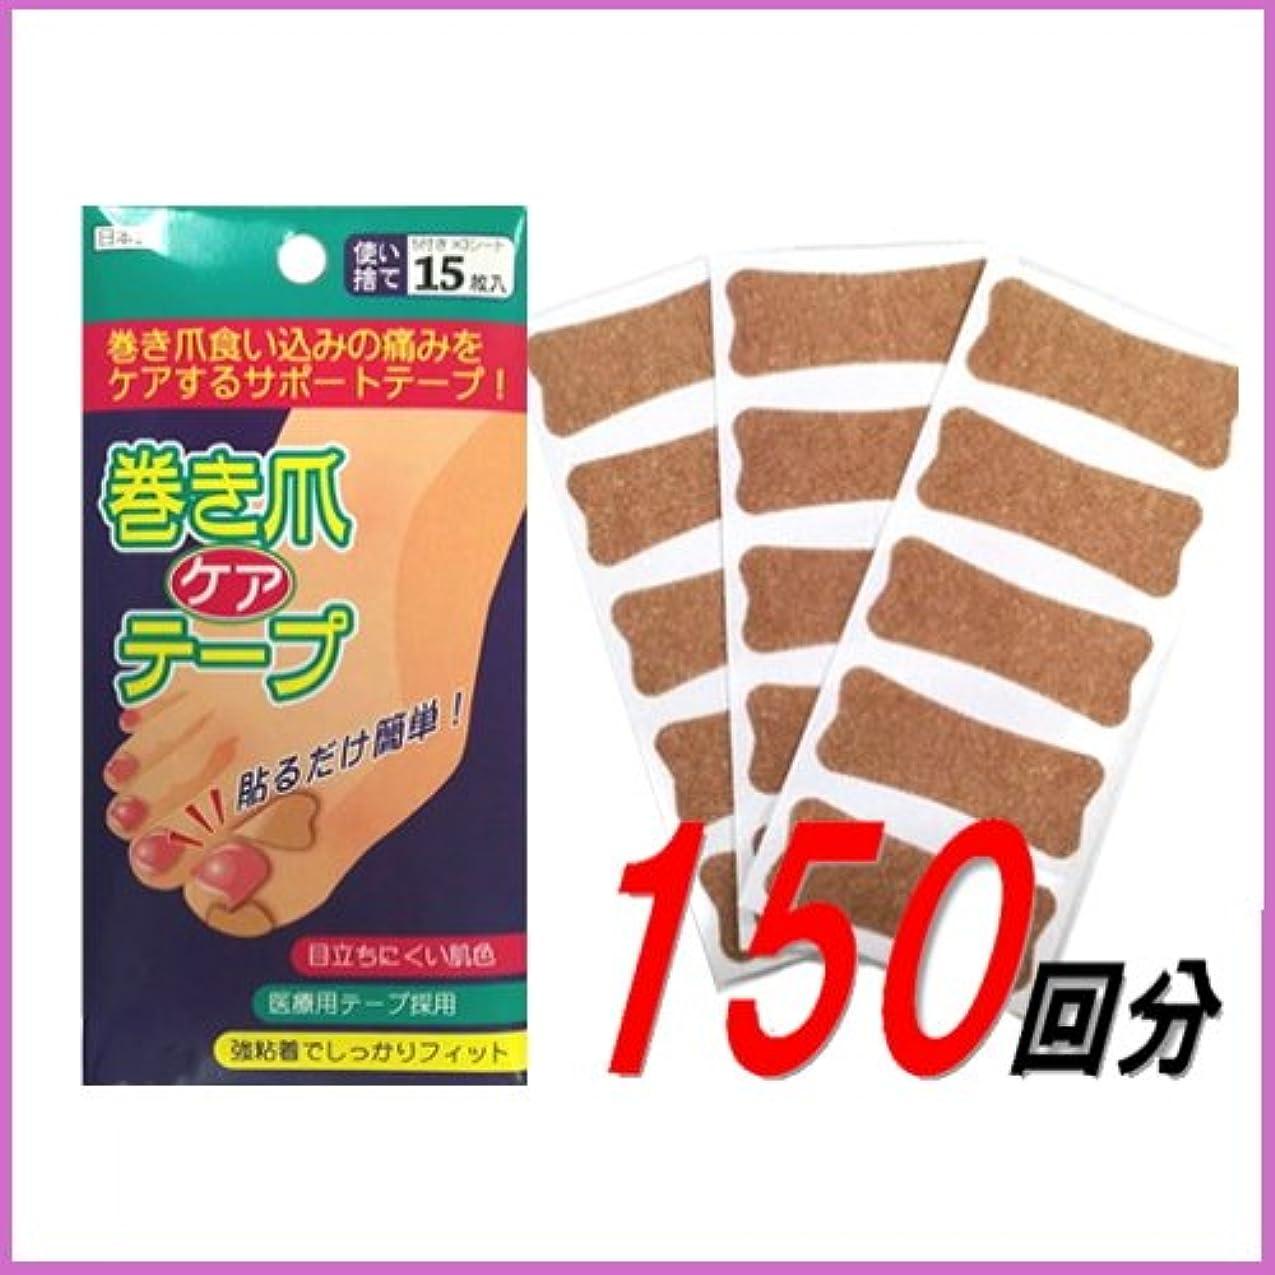 劣る休日バルーン巻き爪 テープ 10個セット ブロック ケア テーピング 日本製